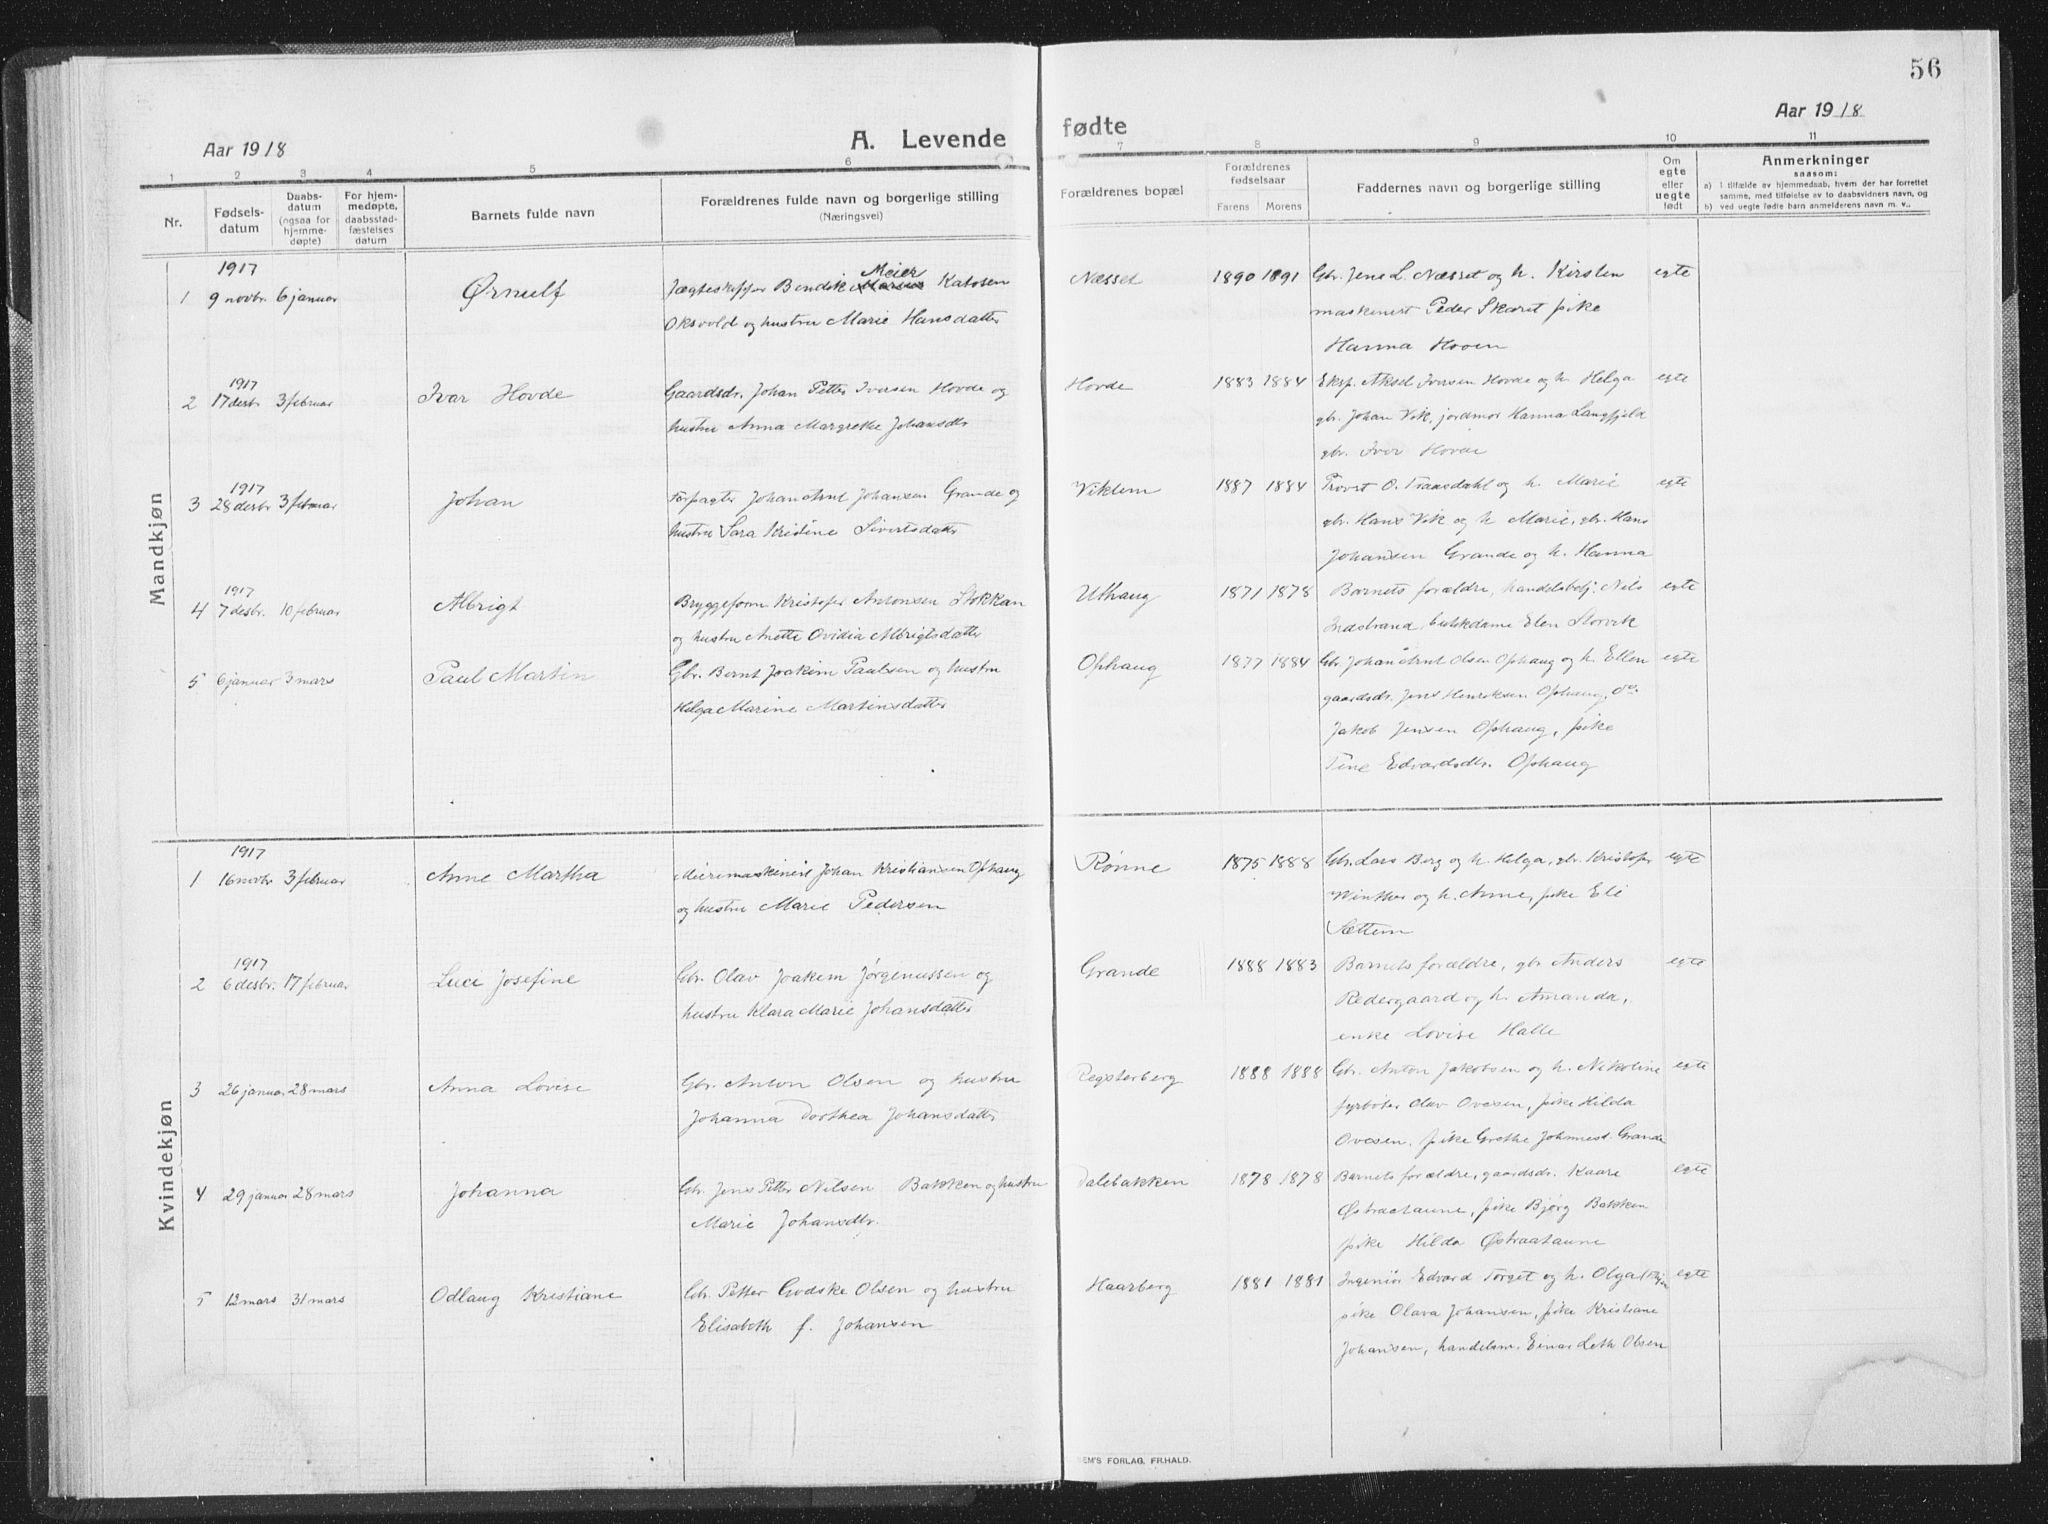 SAT, Ministerialprotokoller, klokkerbøker og fødselsregistre - Sør-Trøndelag, 659/L0747: Klokkerbok nr. 659C04, 1913-1938, s. 56